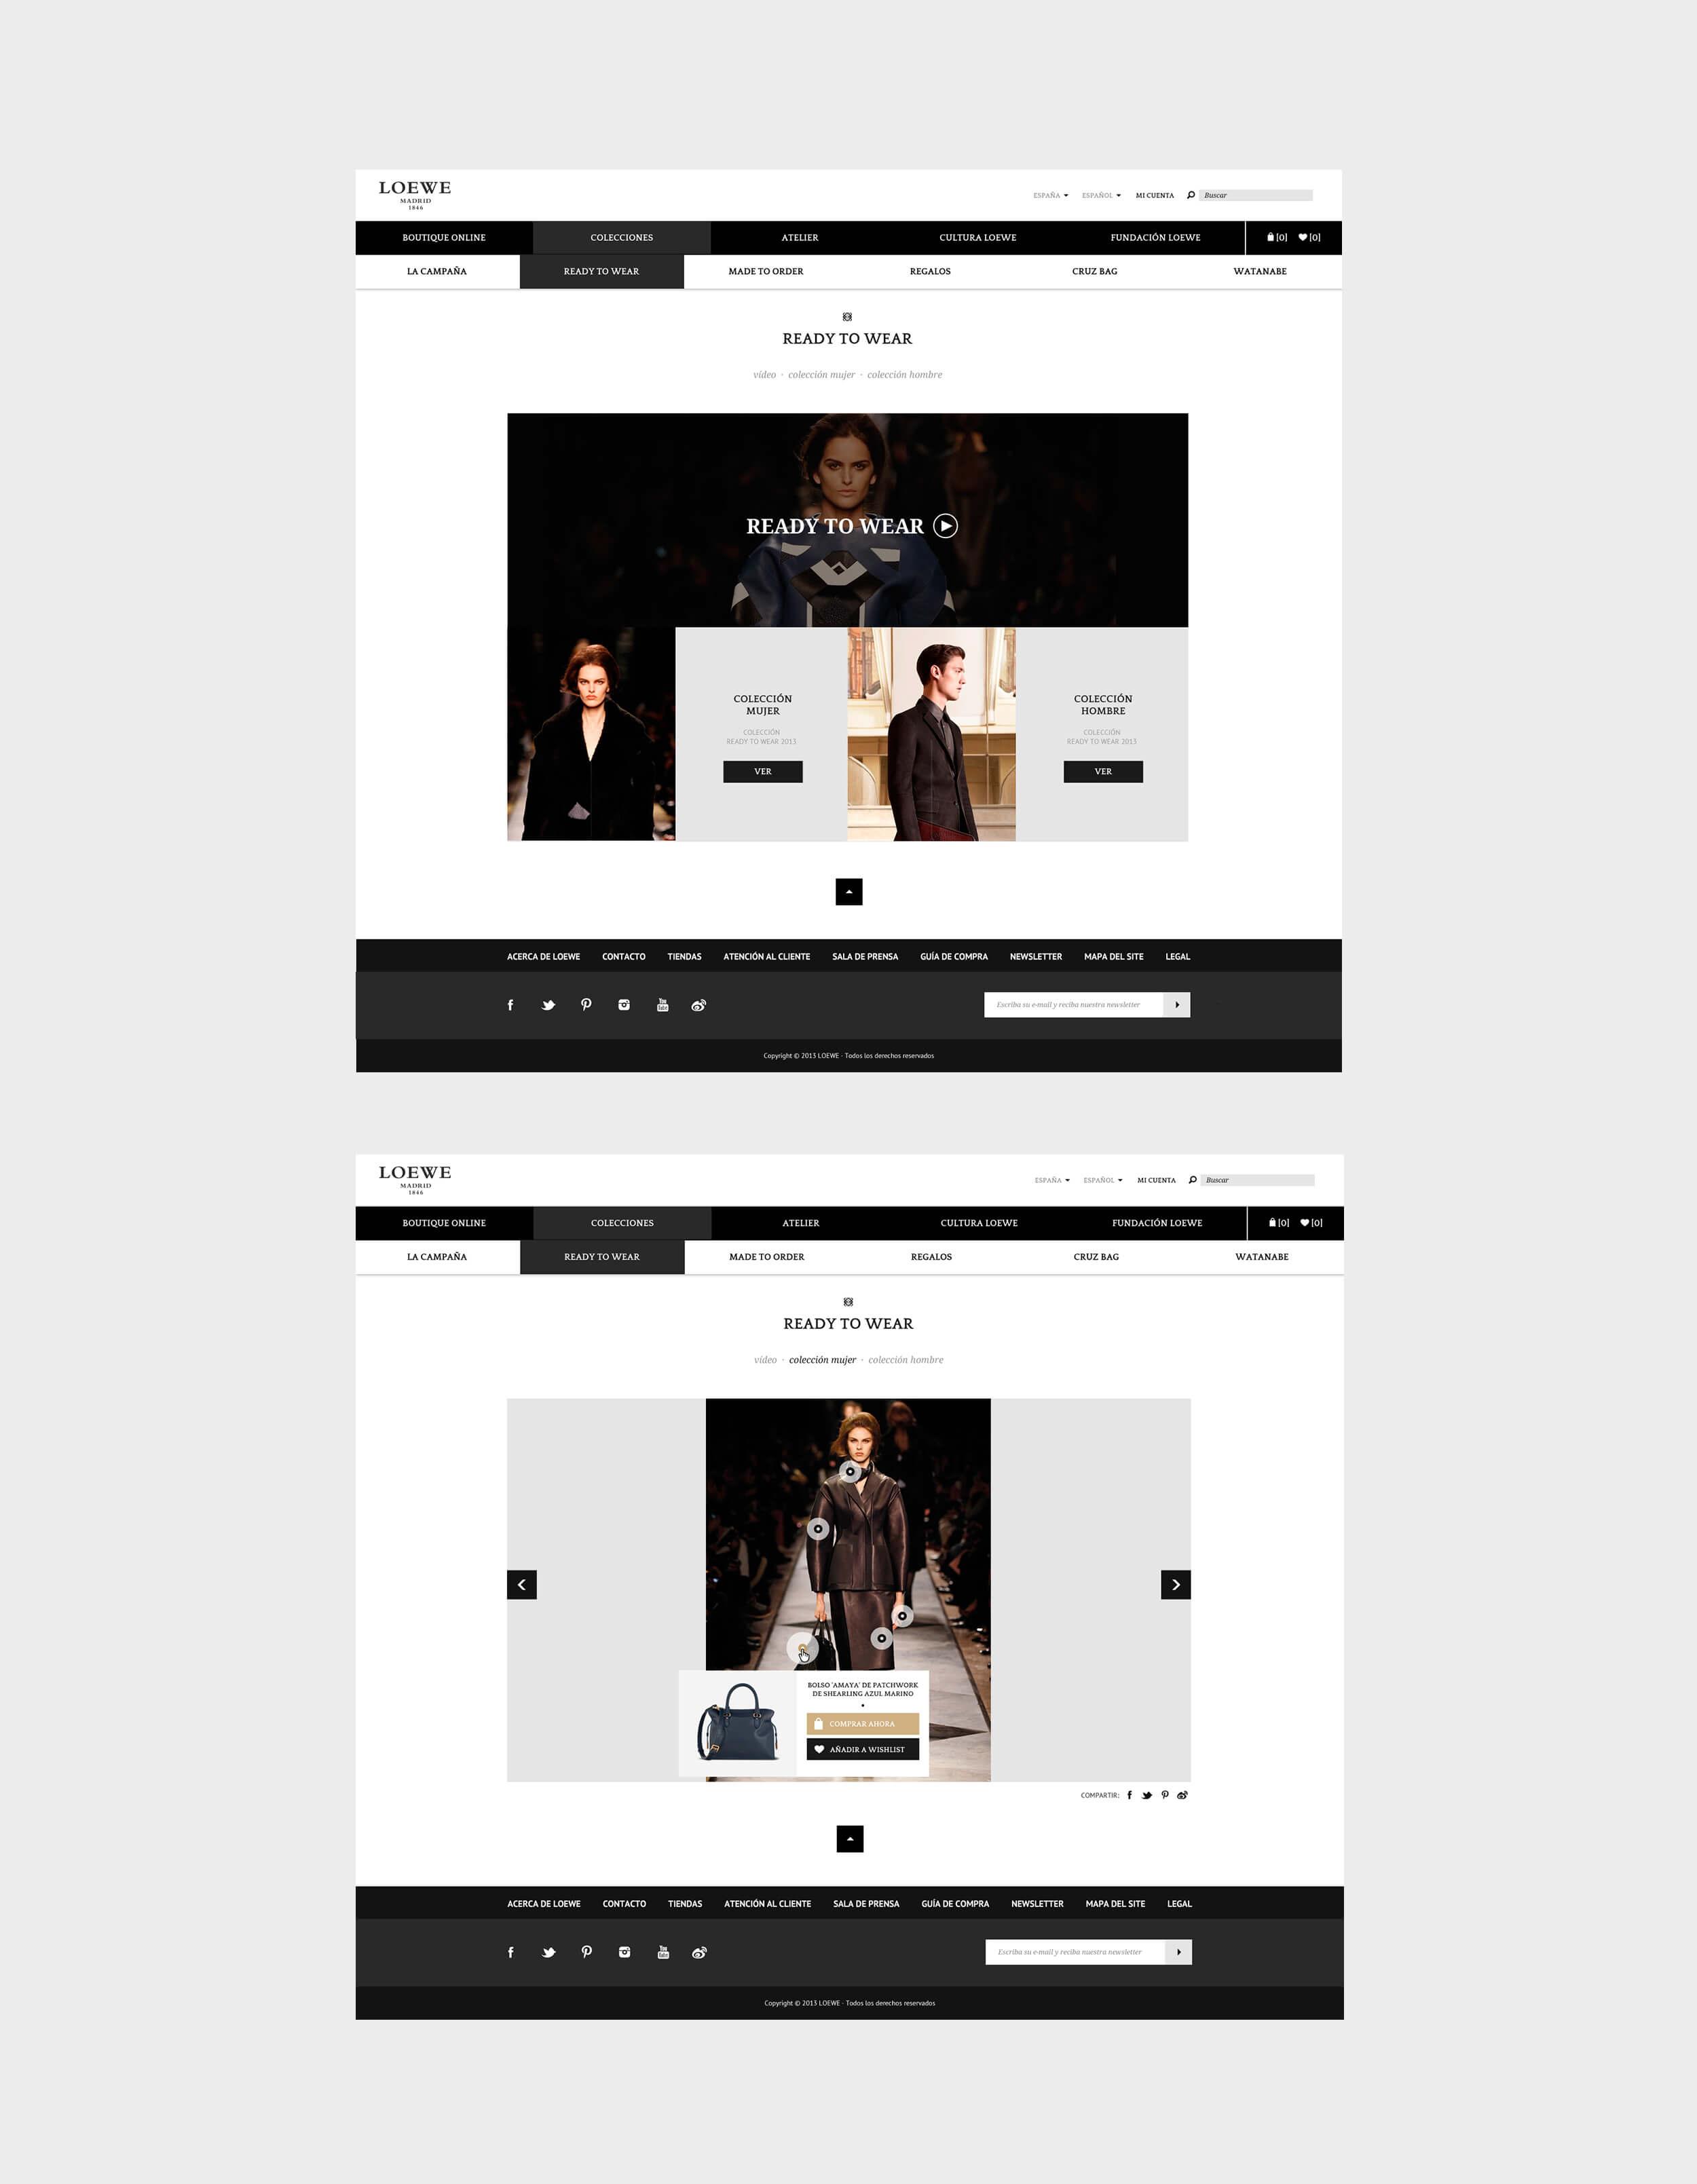 Propuesta de diseño y usabilidad para la web del Loewe